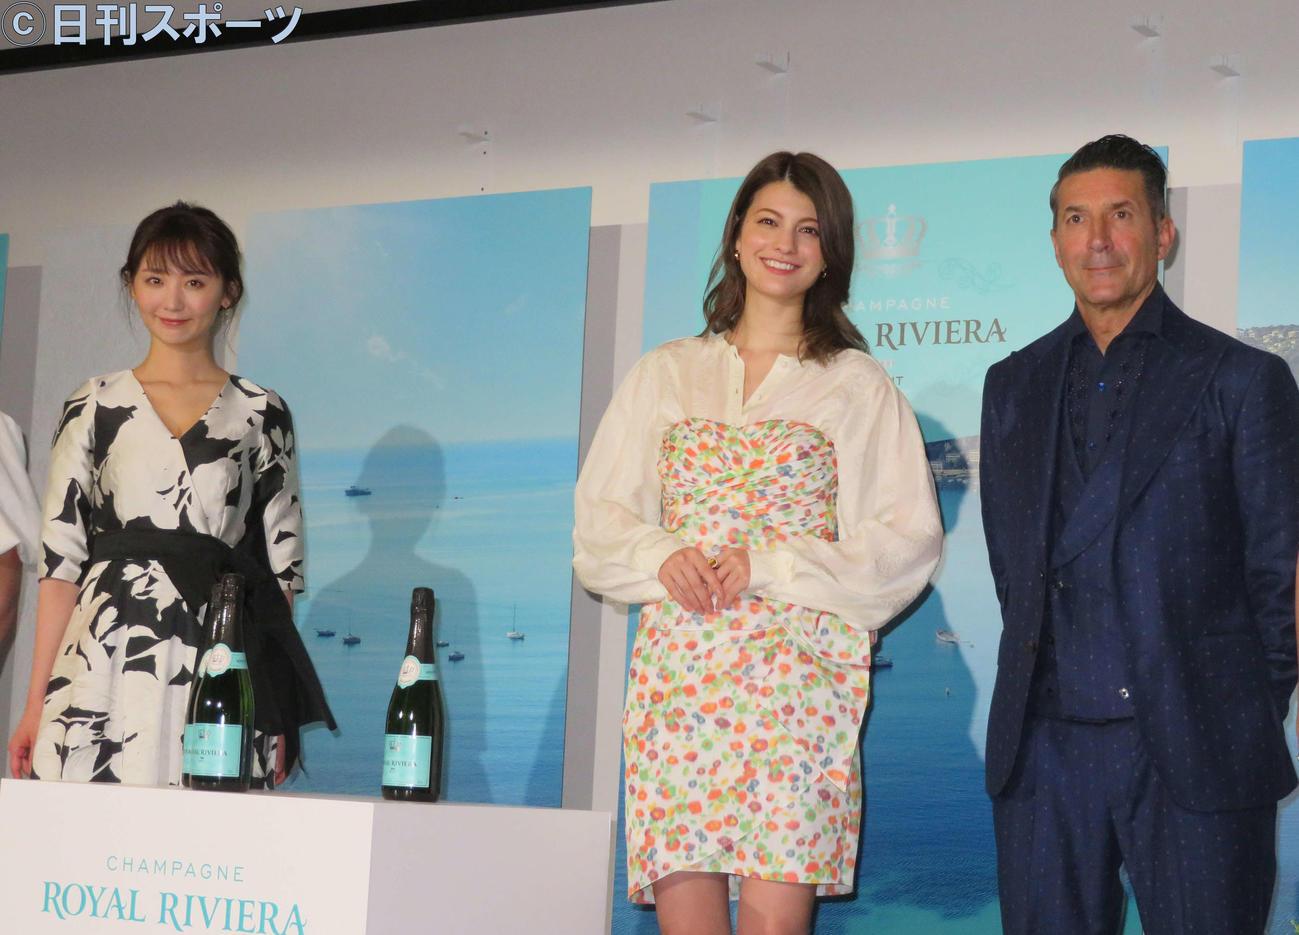 シャンパンのイベントに出席した左からおのののか、マギー、パンツェッタ・ジローラモ